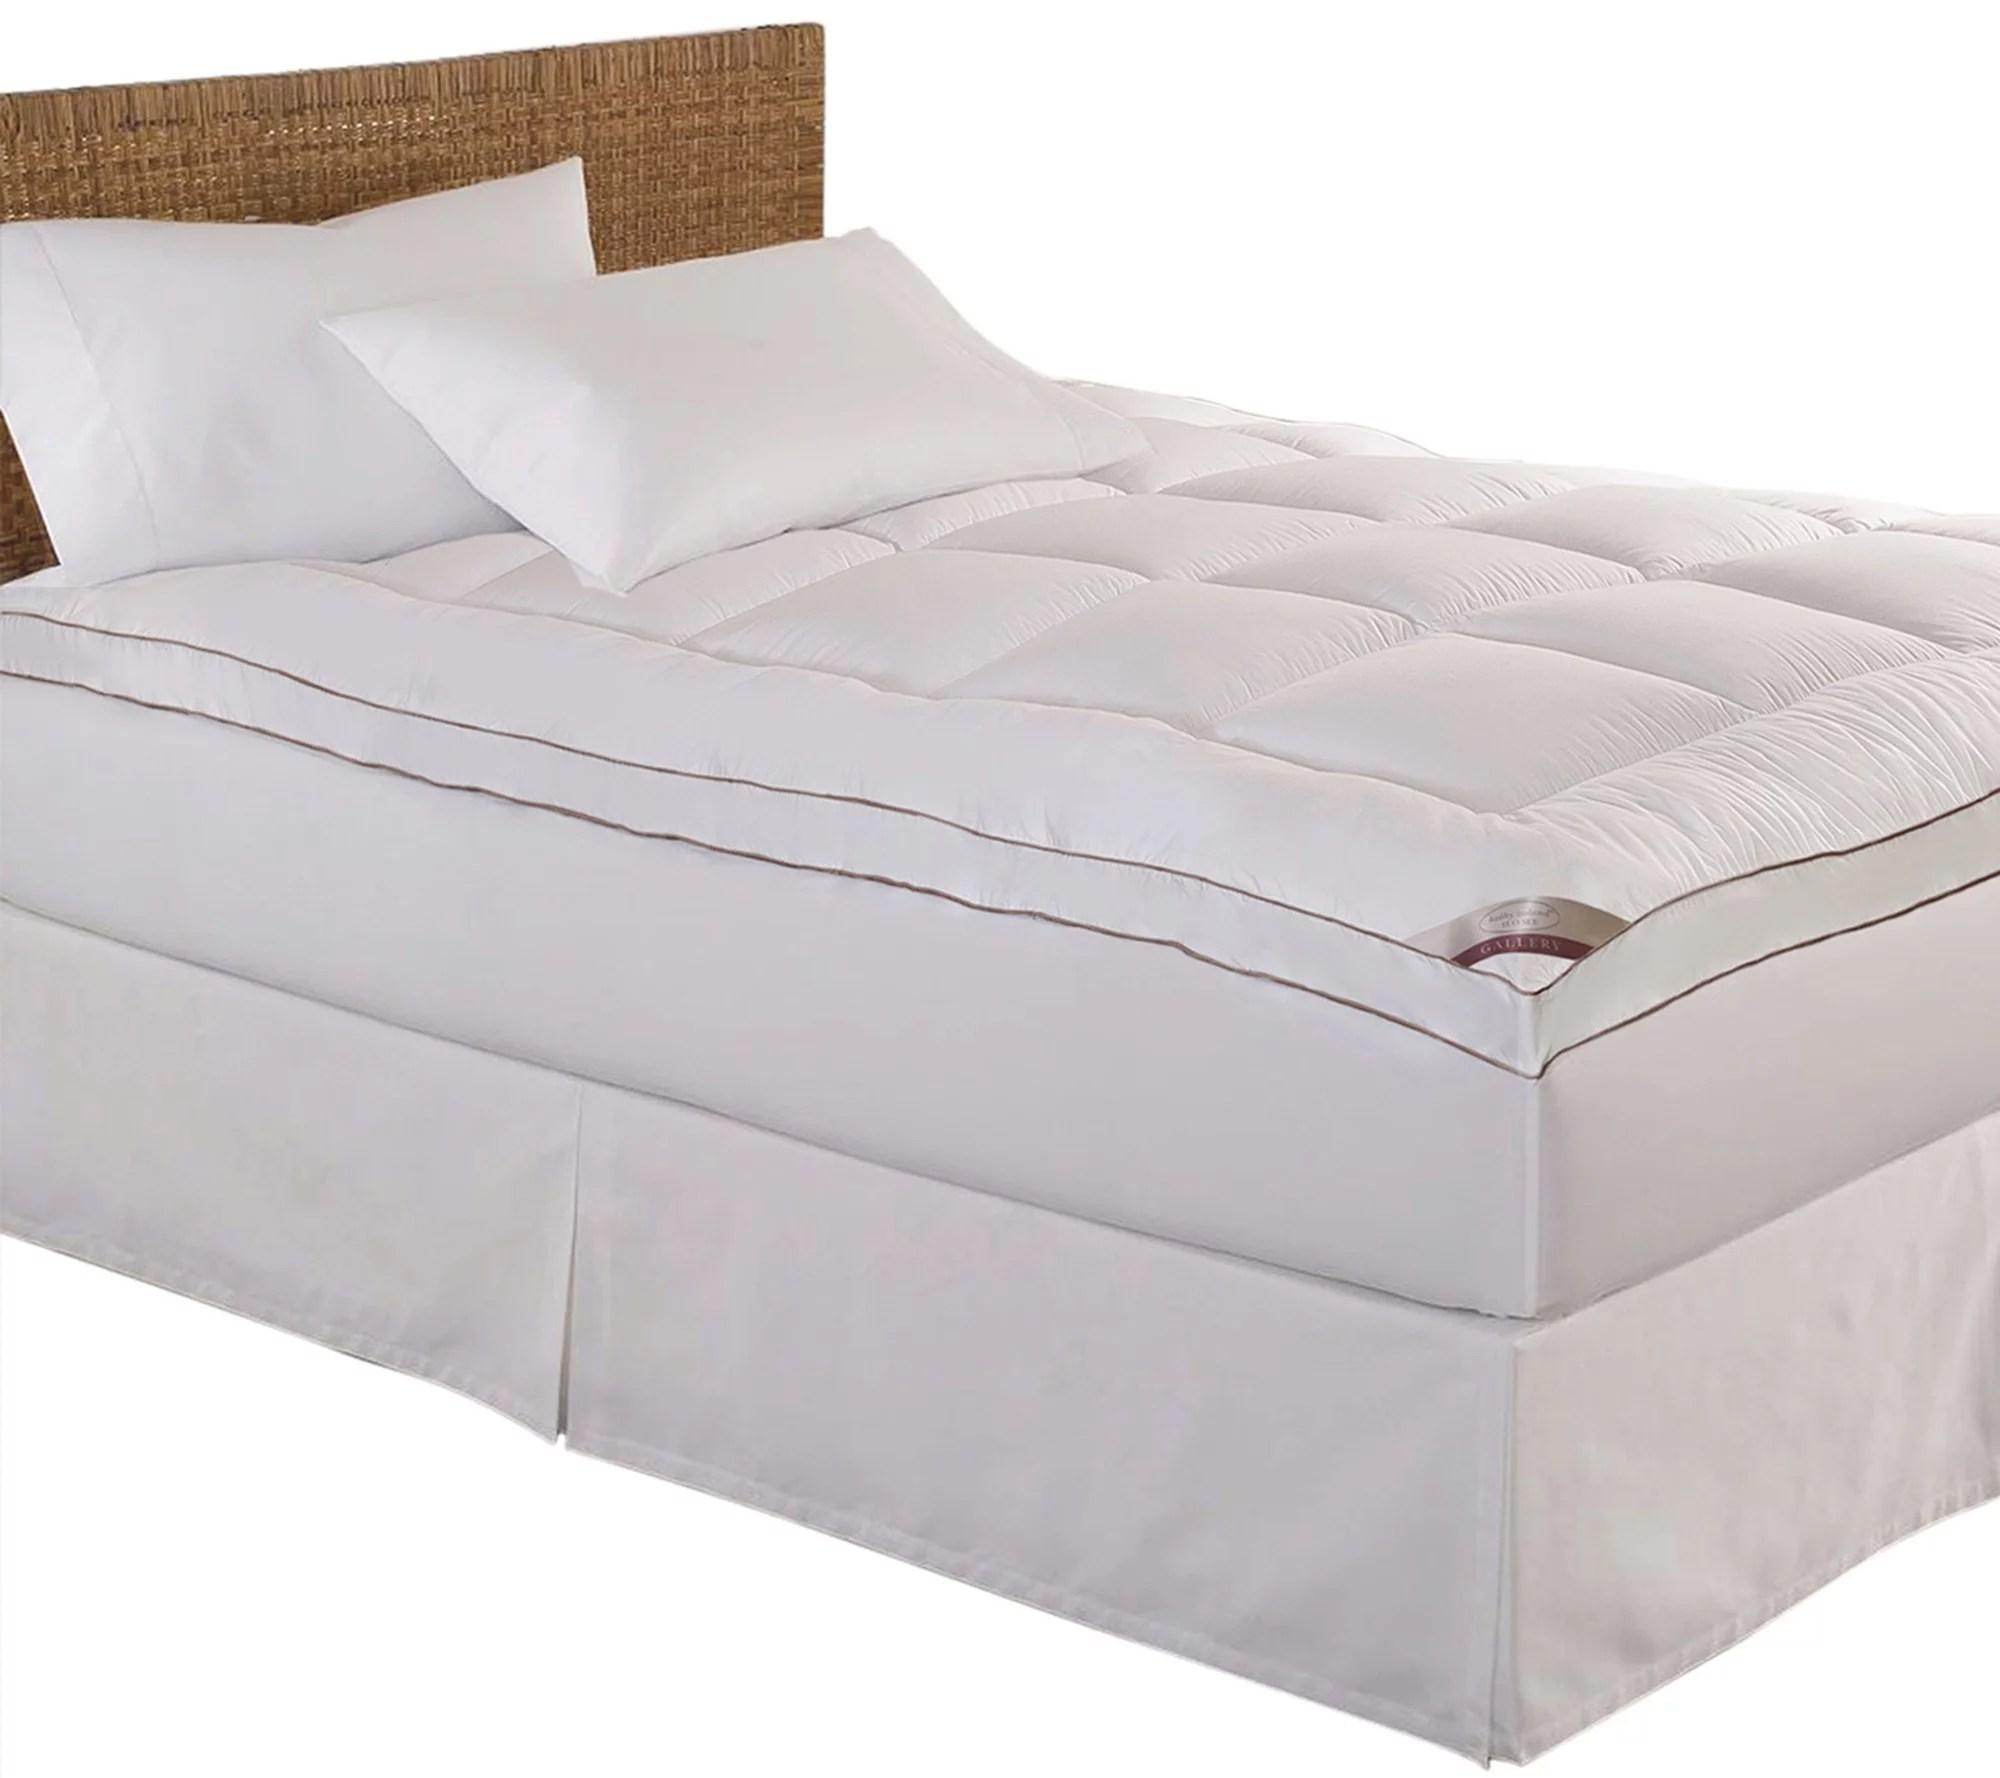 qvc my pillow mattress topper queen